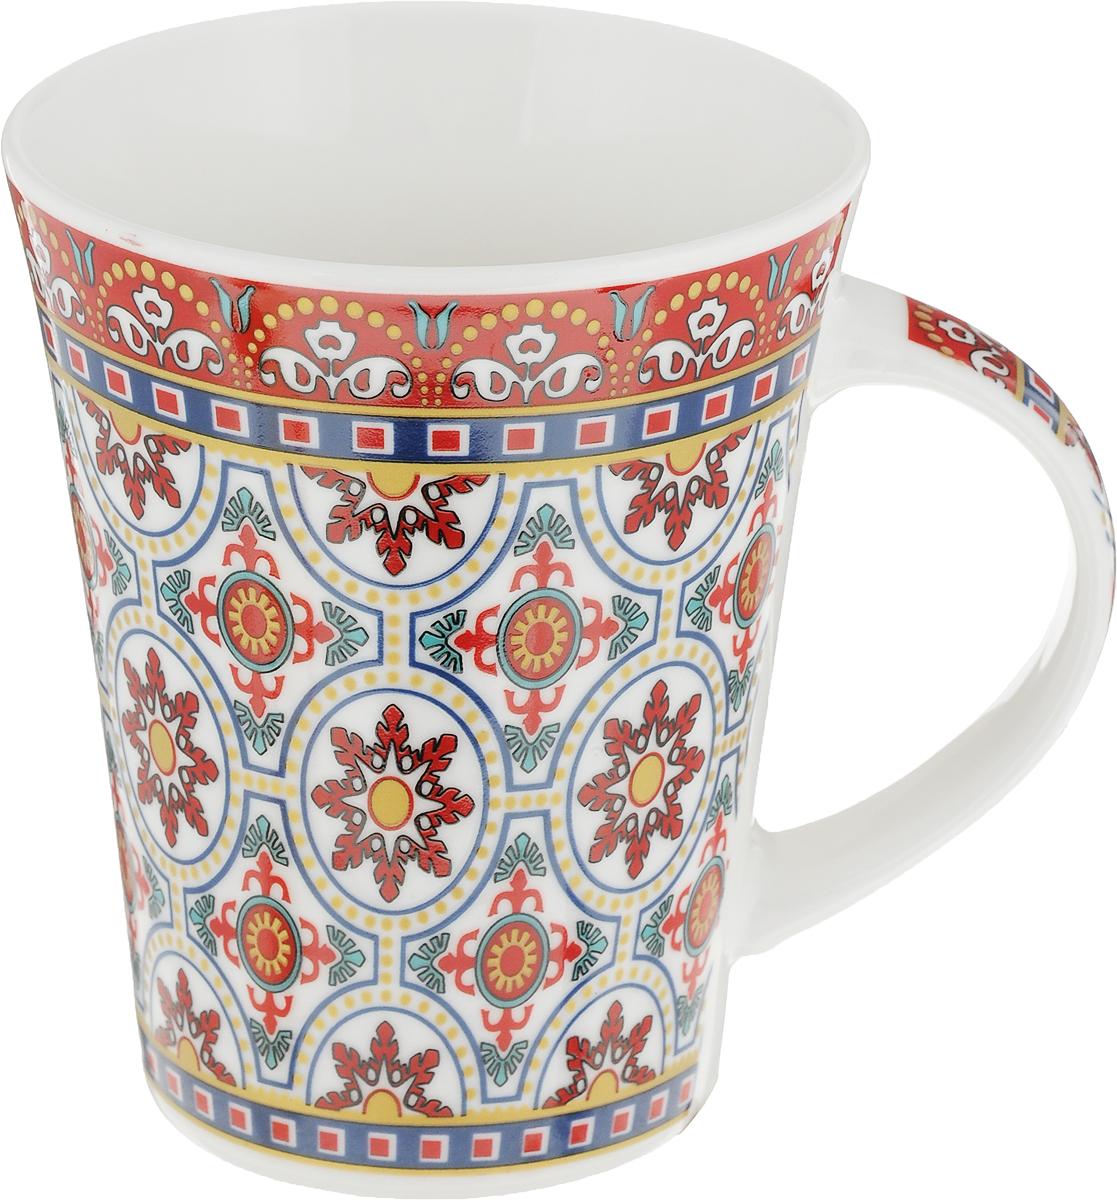 Кружка Ningbo Royal Бухара, цвет: красный, бирюзовый, 330 мл посуда из фарфора оптом